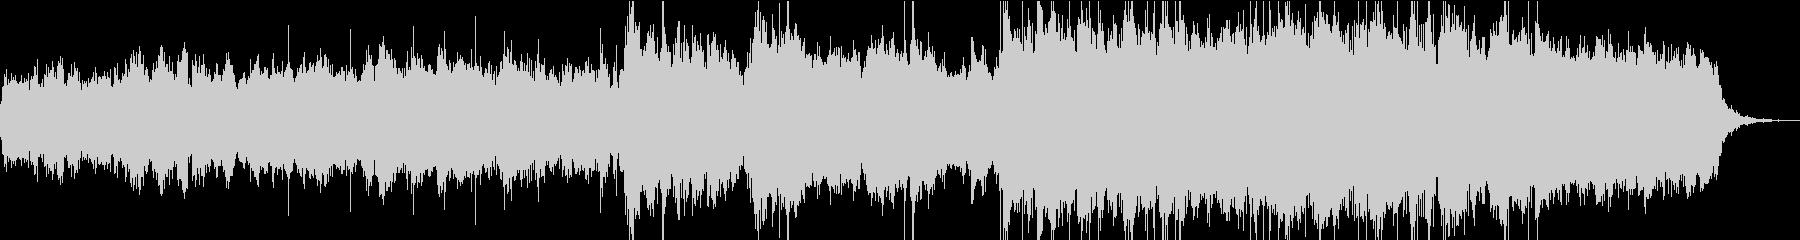 洋楽3 不確定な未来 ストリングスの未再生の波形